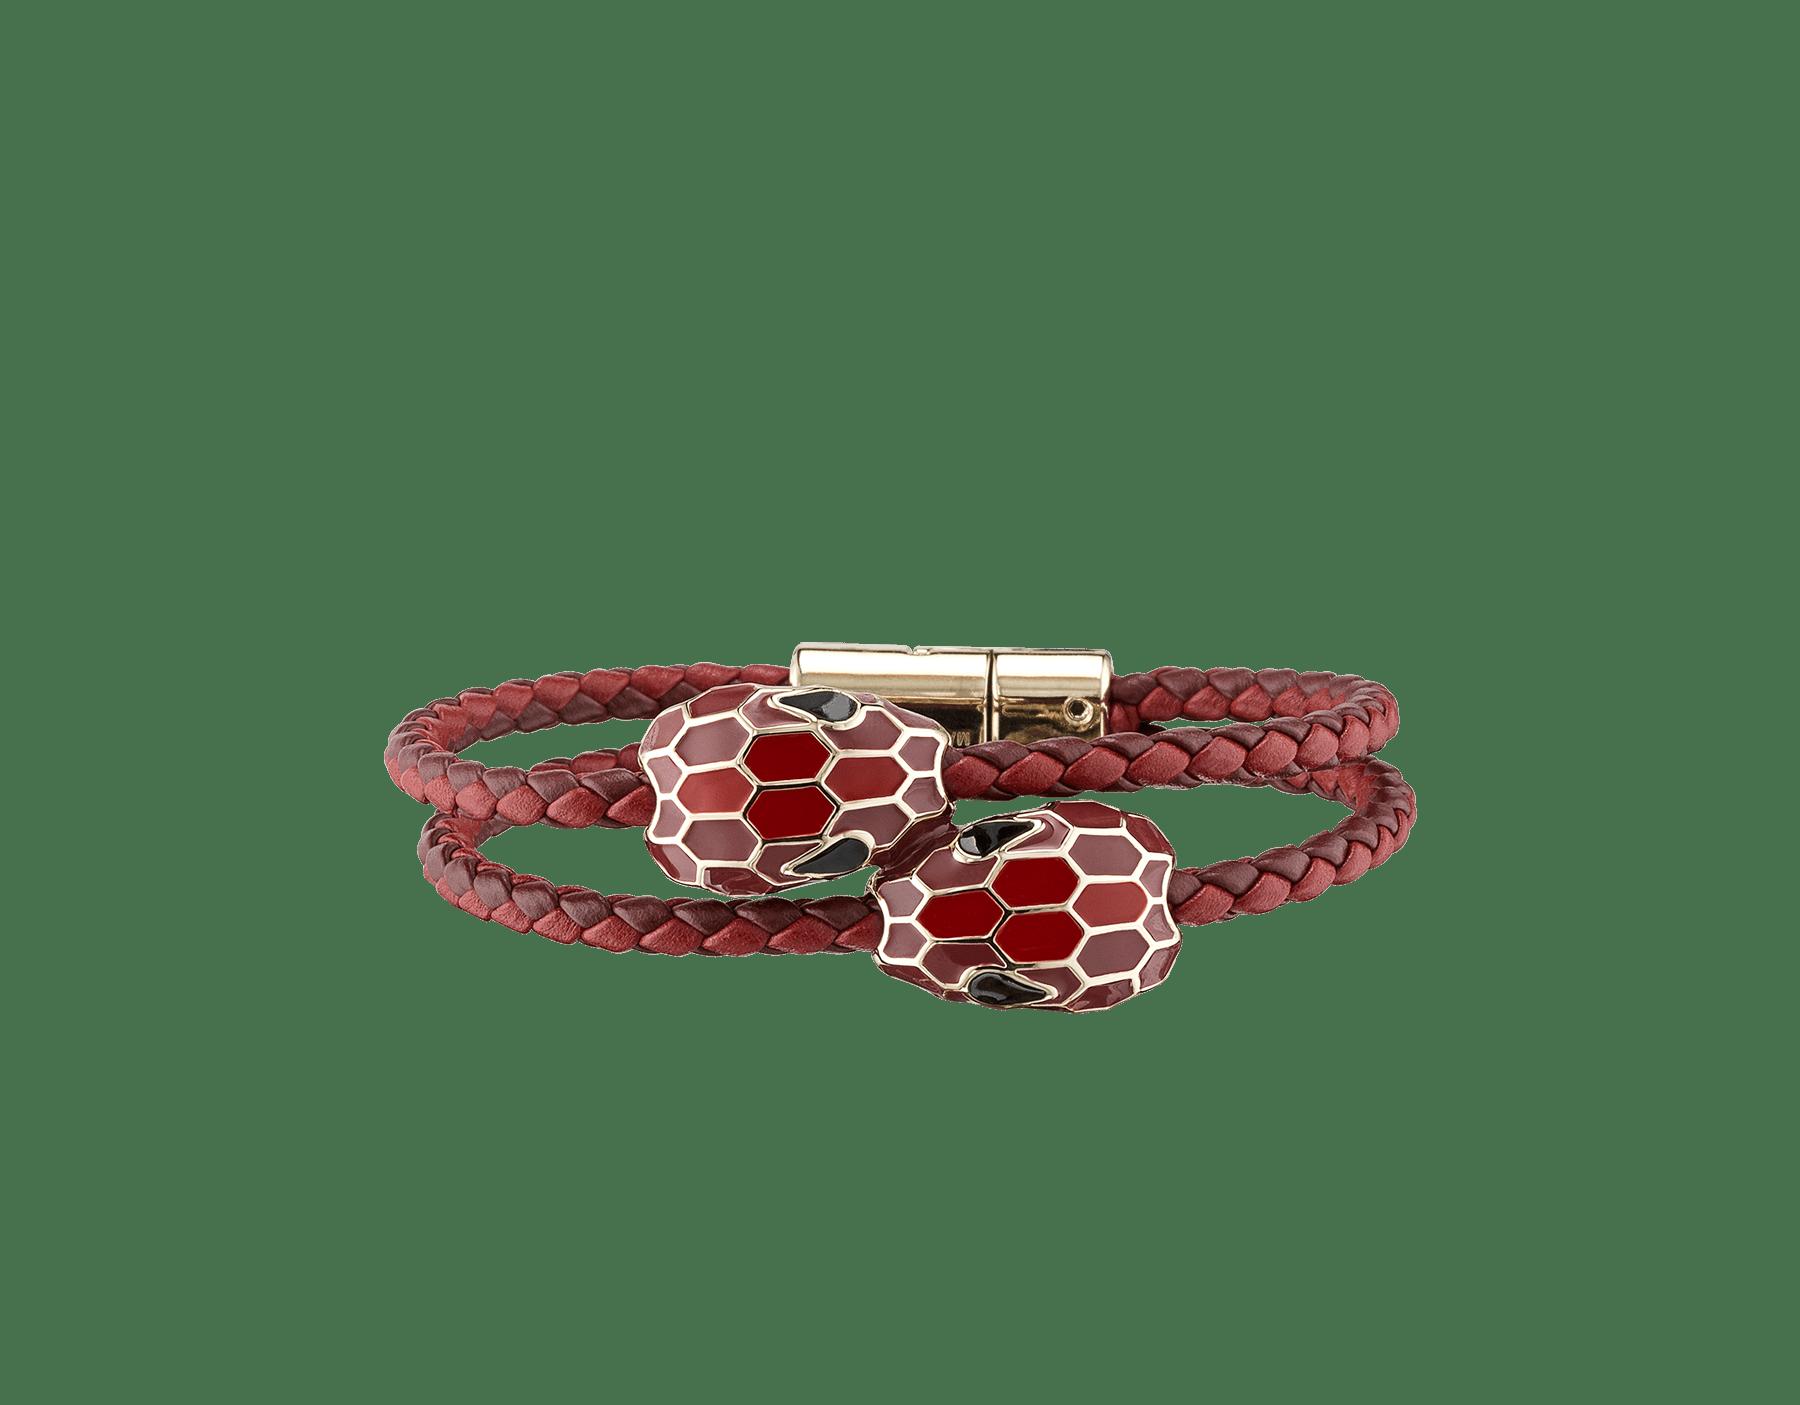 Bracelet tressé double Serpenti Forever en cuir de veau tressé couleur rouge rubis et Carmine Jasper avec motif en miroir Serpenti emblématique en émail couleur rouge rubis et Carmine Jasper. 289263 image 1